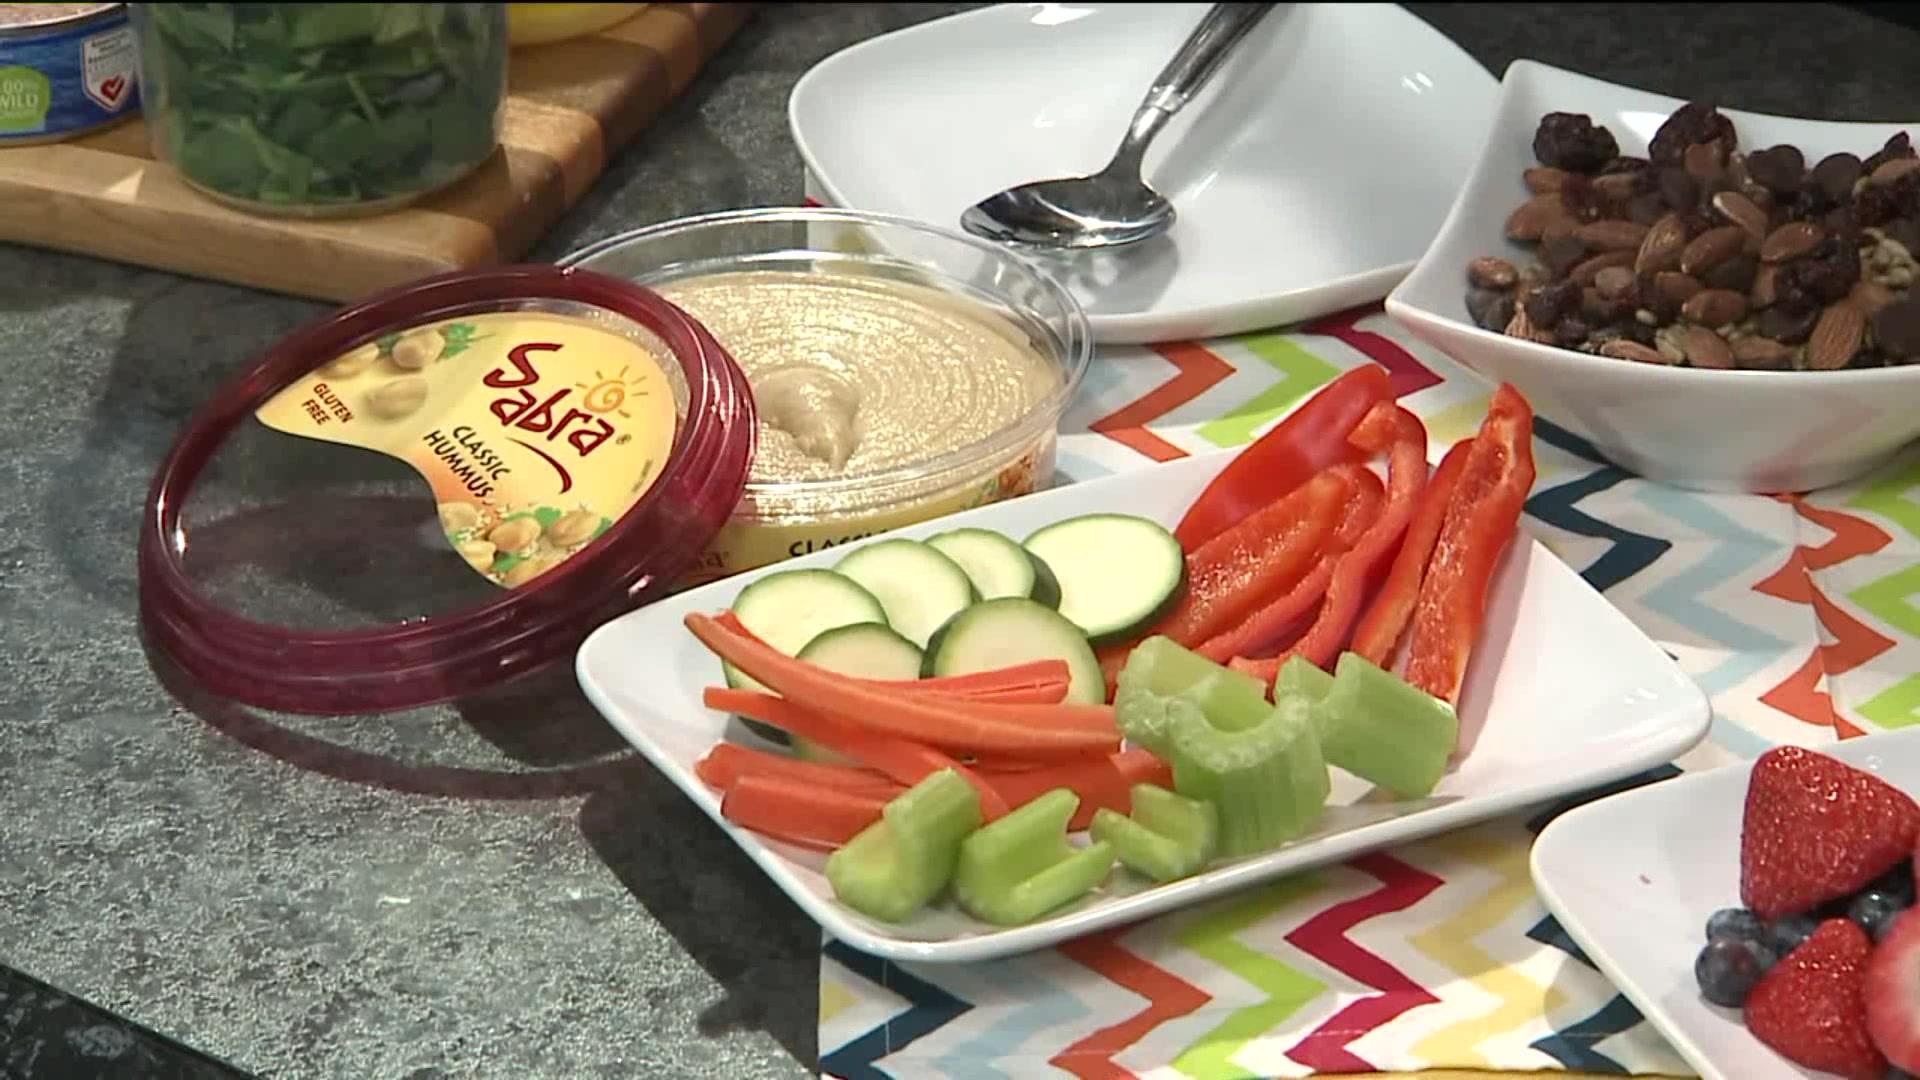 5 Heart Healthy Family Snacks